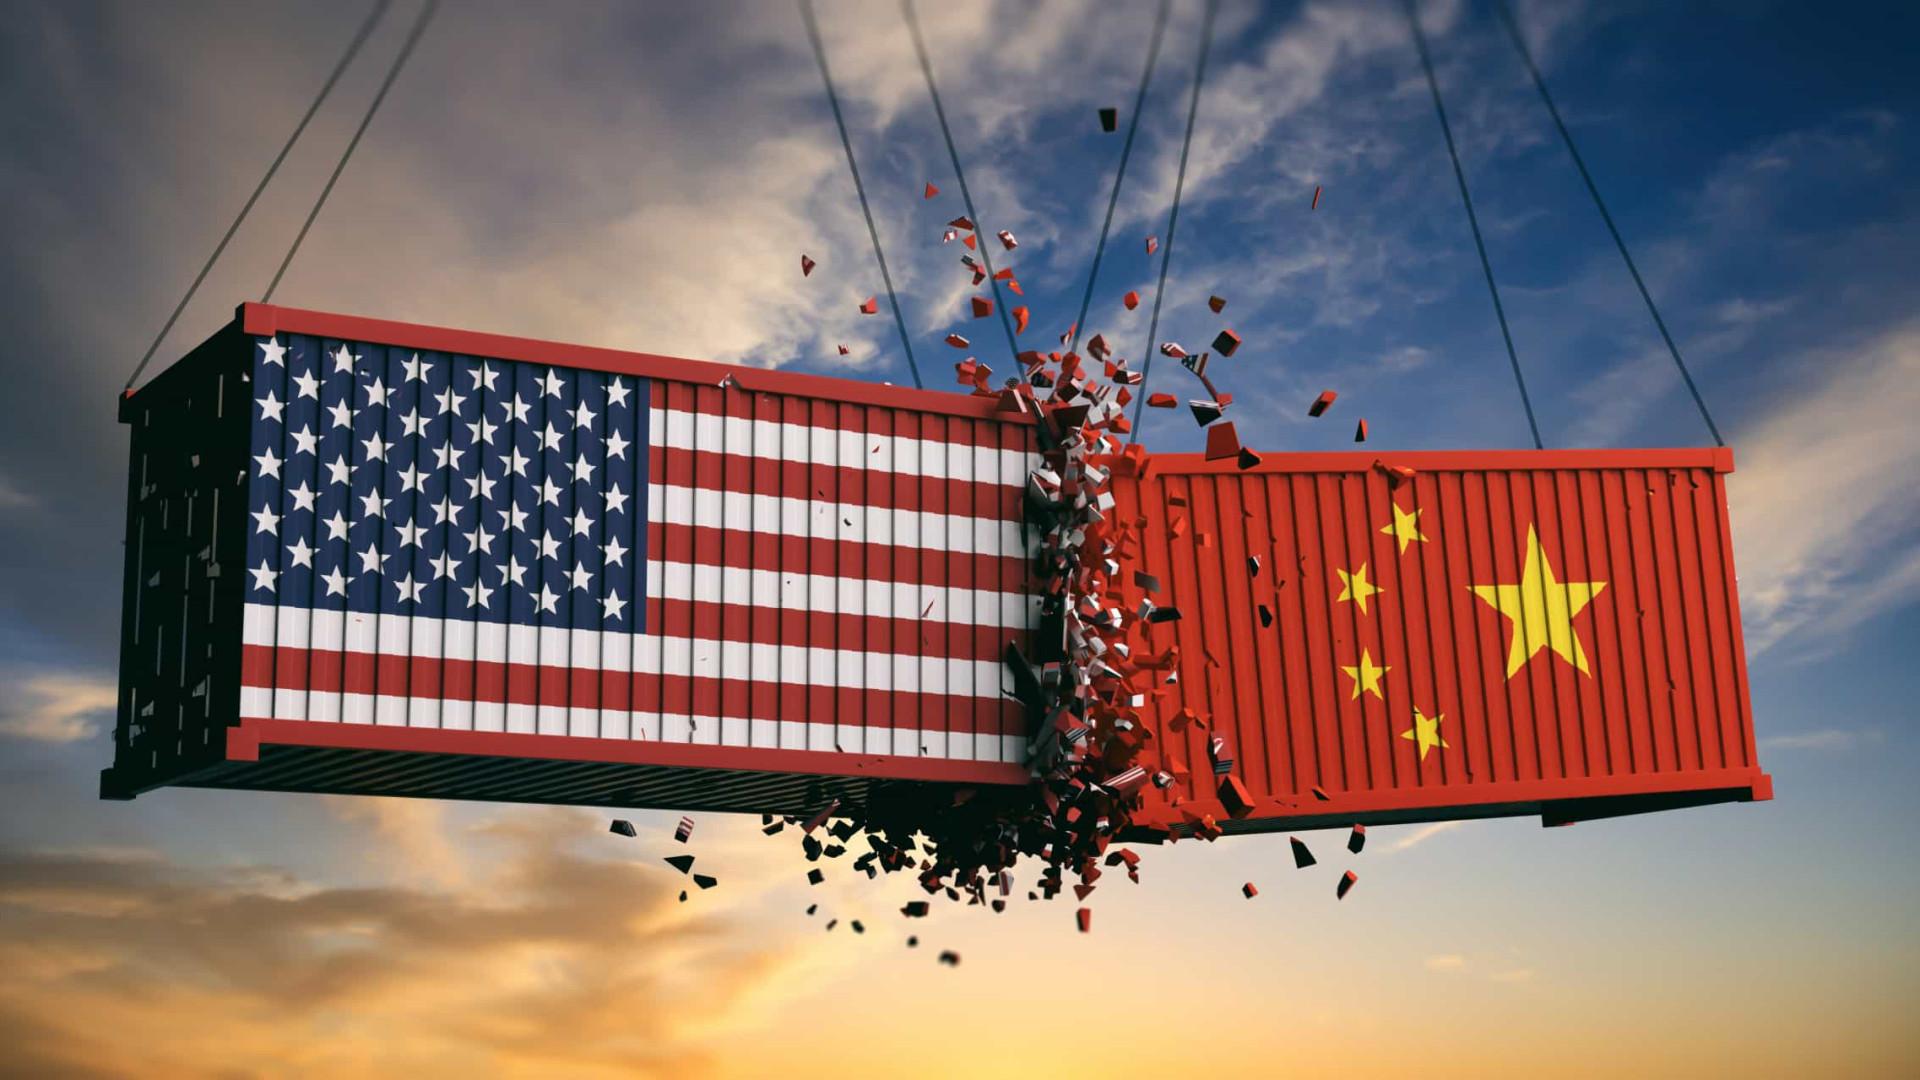 Crescente rivalidade entre China e EUA ameaça bipolarizar relações